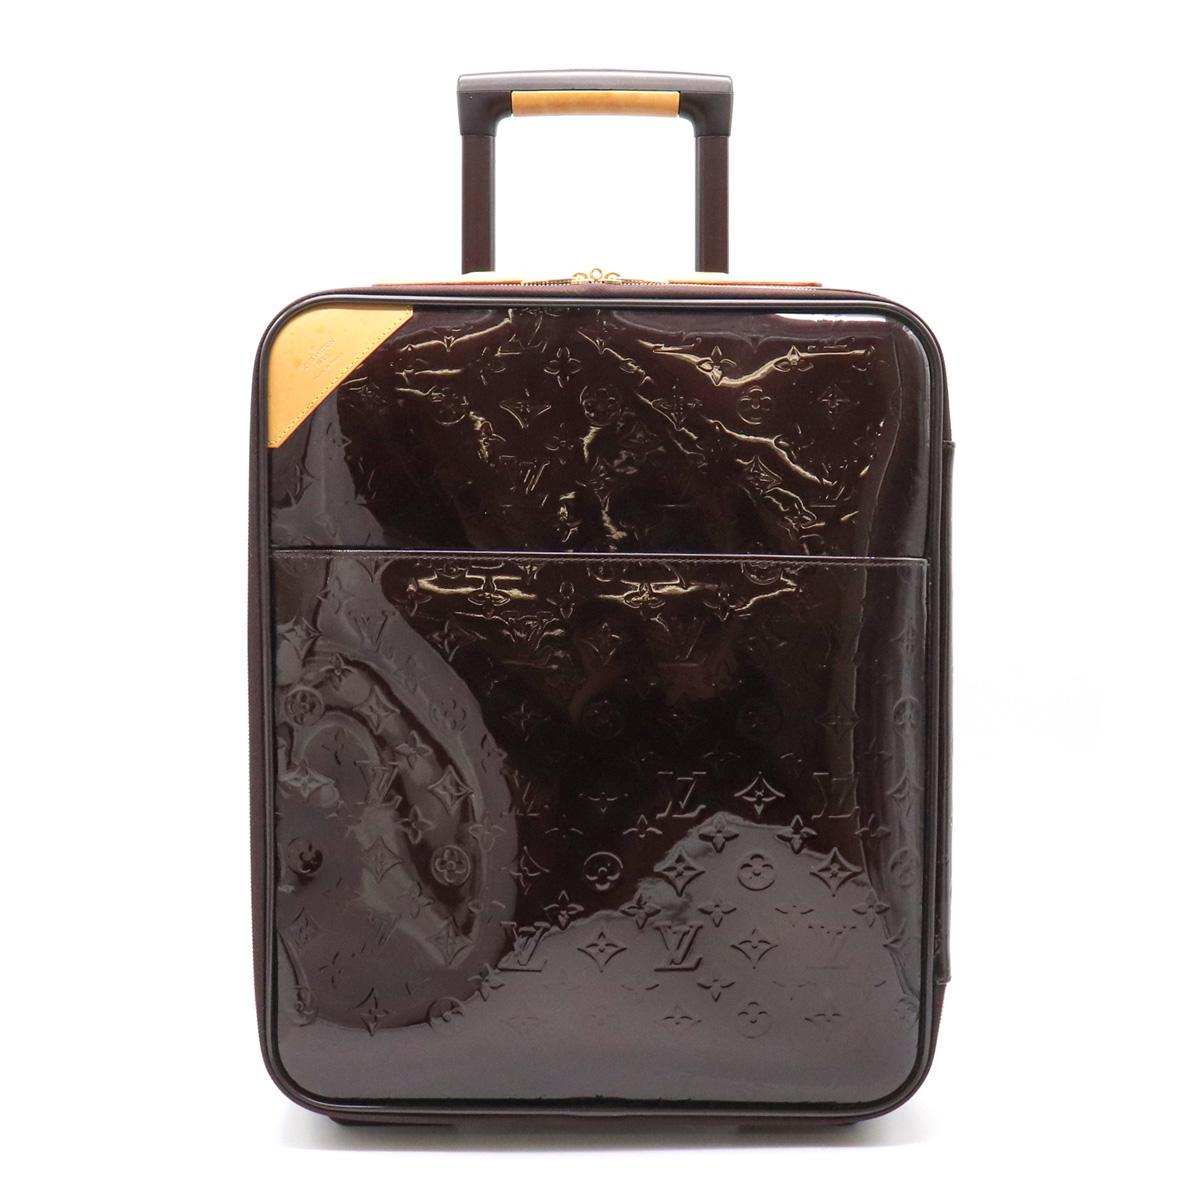 【バッグ】LOUIS VUITTON ルイ ヴィトン モノグラムヴェルニ ペガス45 スーツケース キャリーバッグ トラベルケース 旅行 エナメル アマラント M91277 【中古】